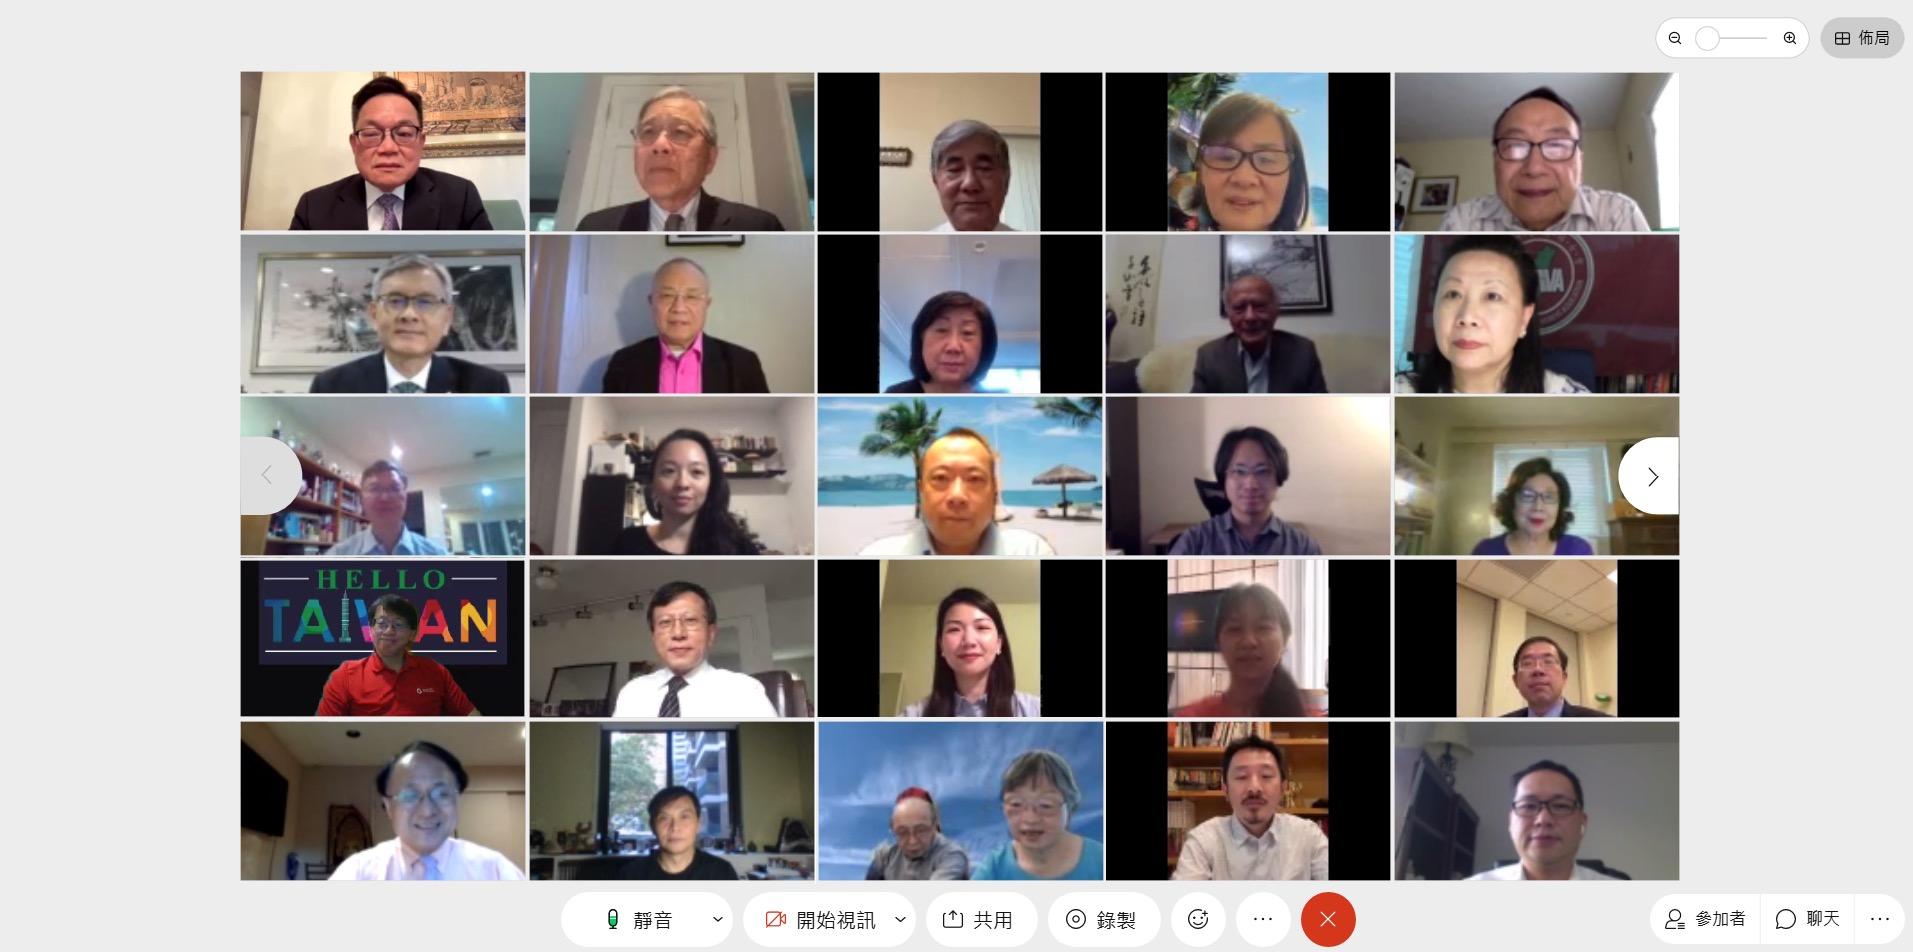 紐約、新澤西和賓夕凡尼亞州僑界等31個重要僑團於5月20日共同舉辦「支持台灣參與世界衛生組織」網絡研討會。圖為全體嘉賓合照。(紐約經文處提供)